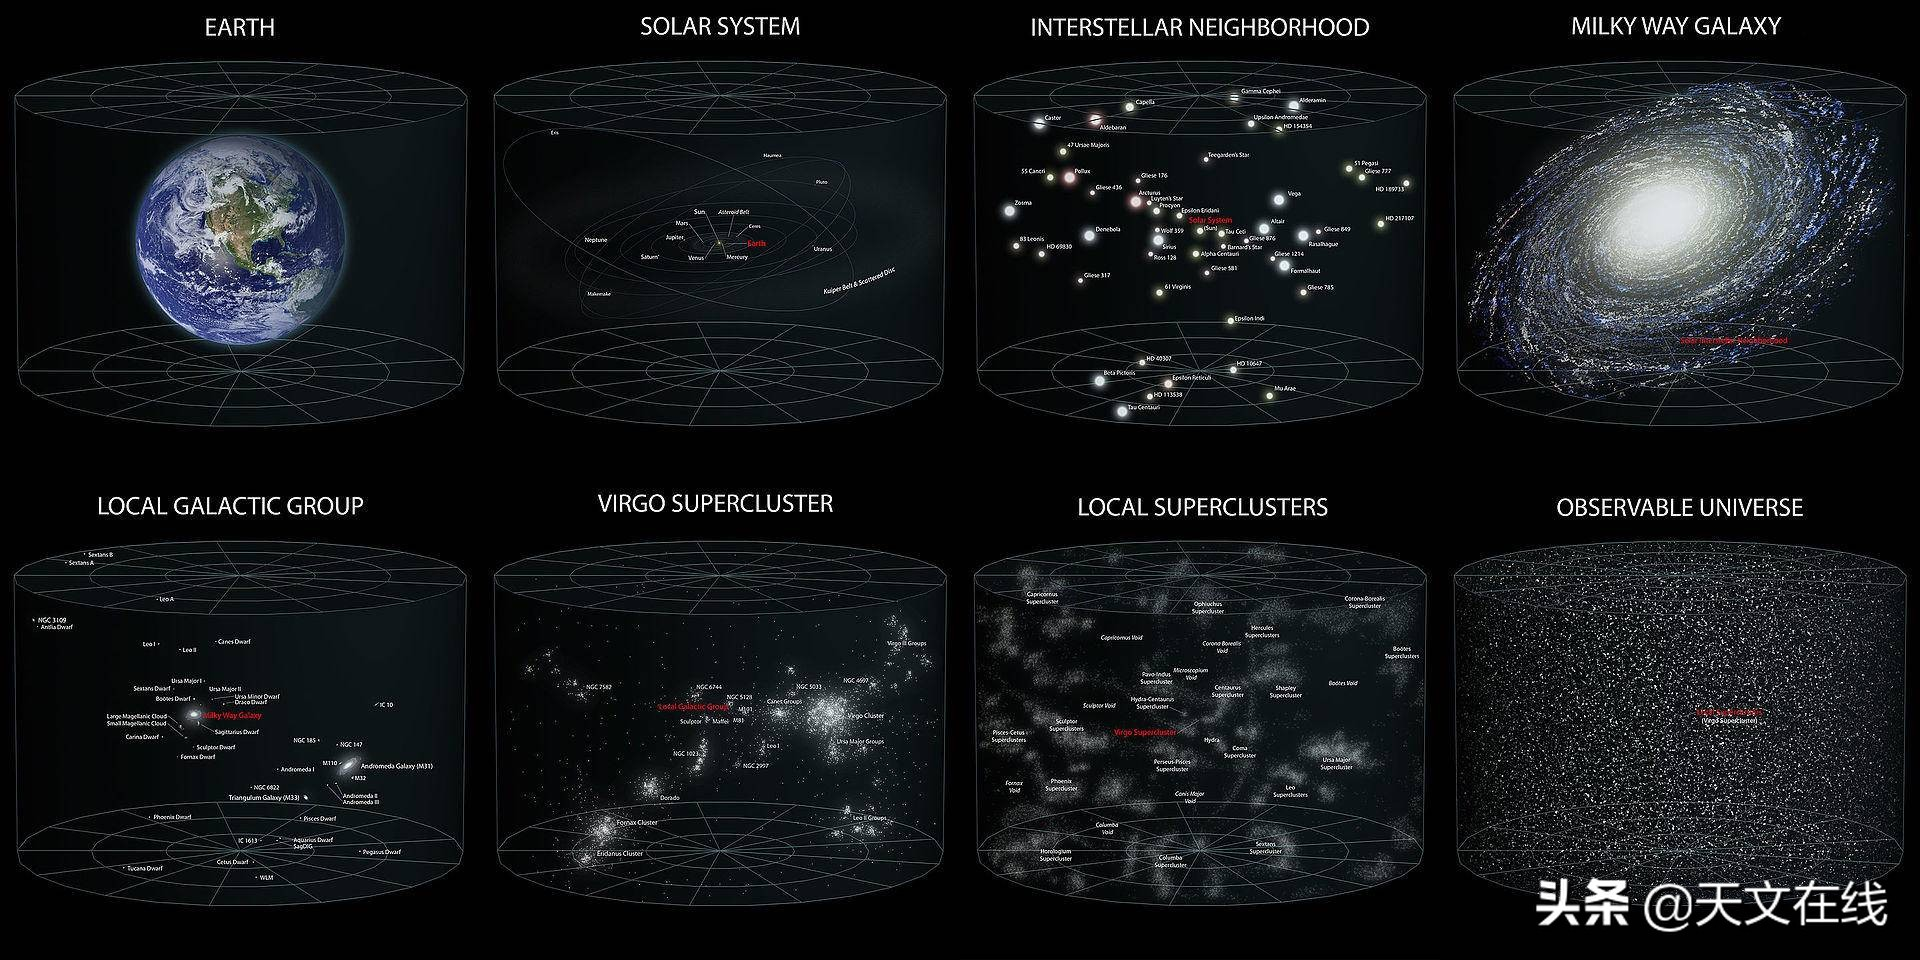 地球在银河系中处于什么位置呢?